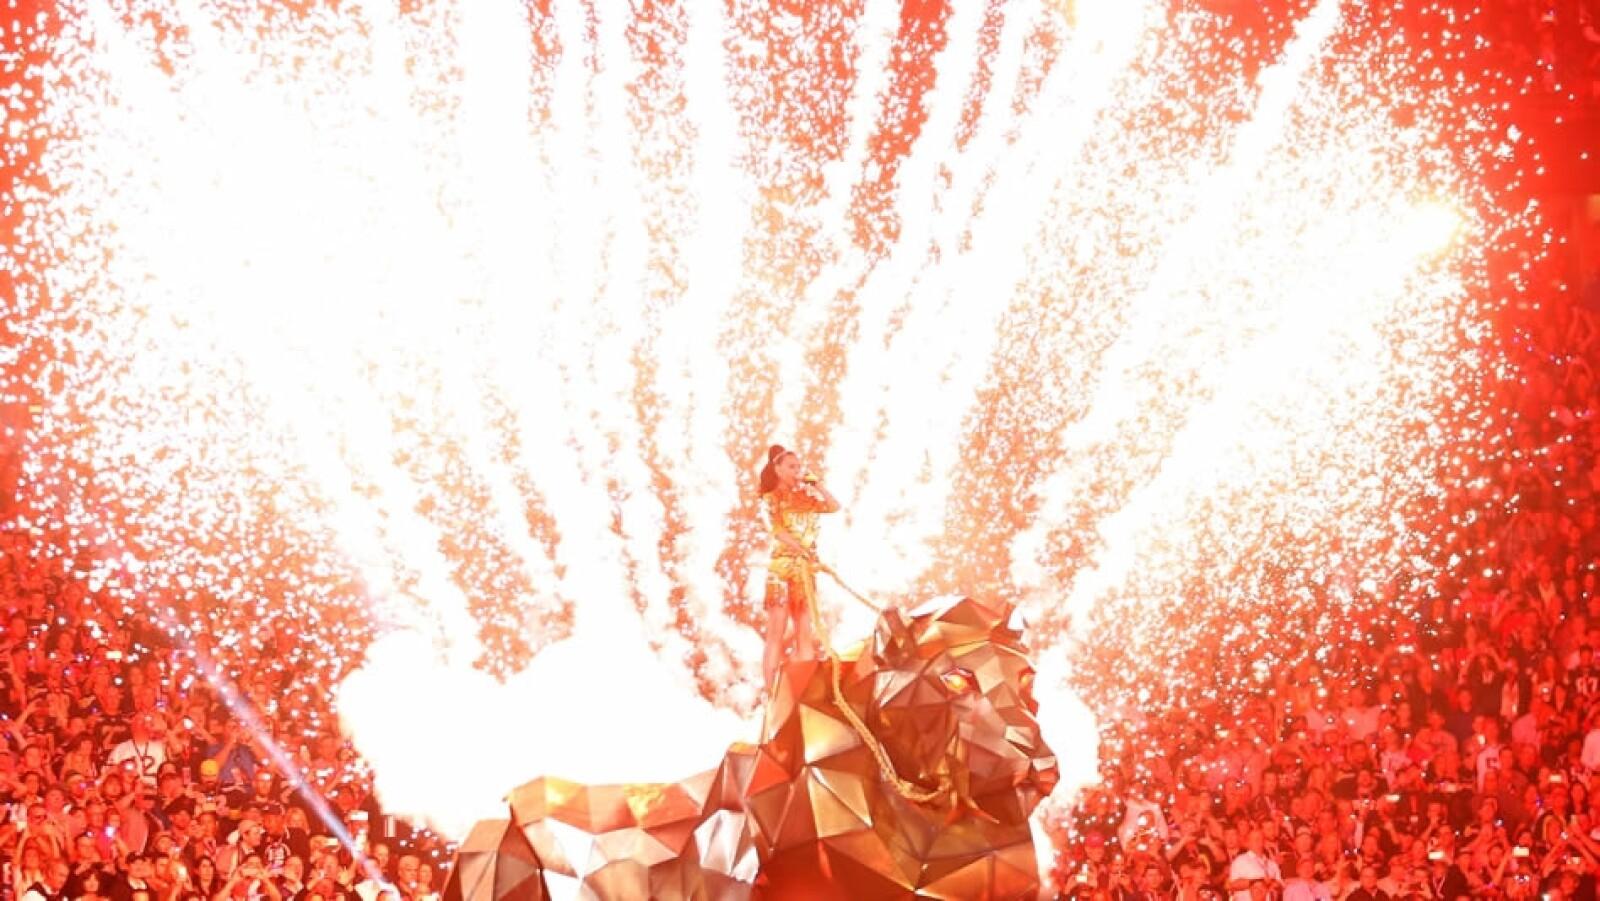 Fue un espectáculo muy colorido, lleno de juegos artificiales y luces llamativas